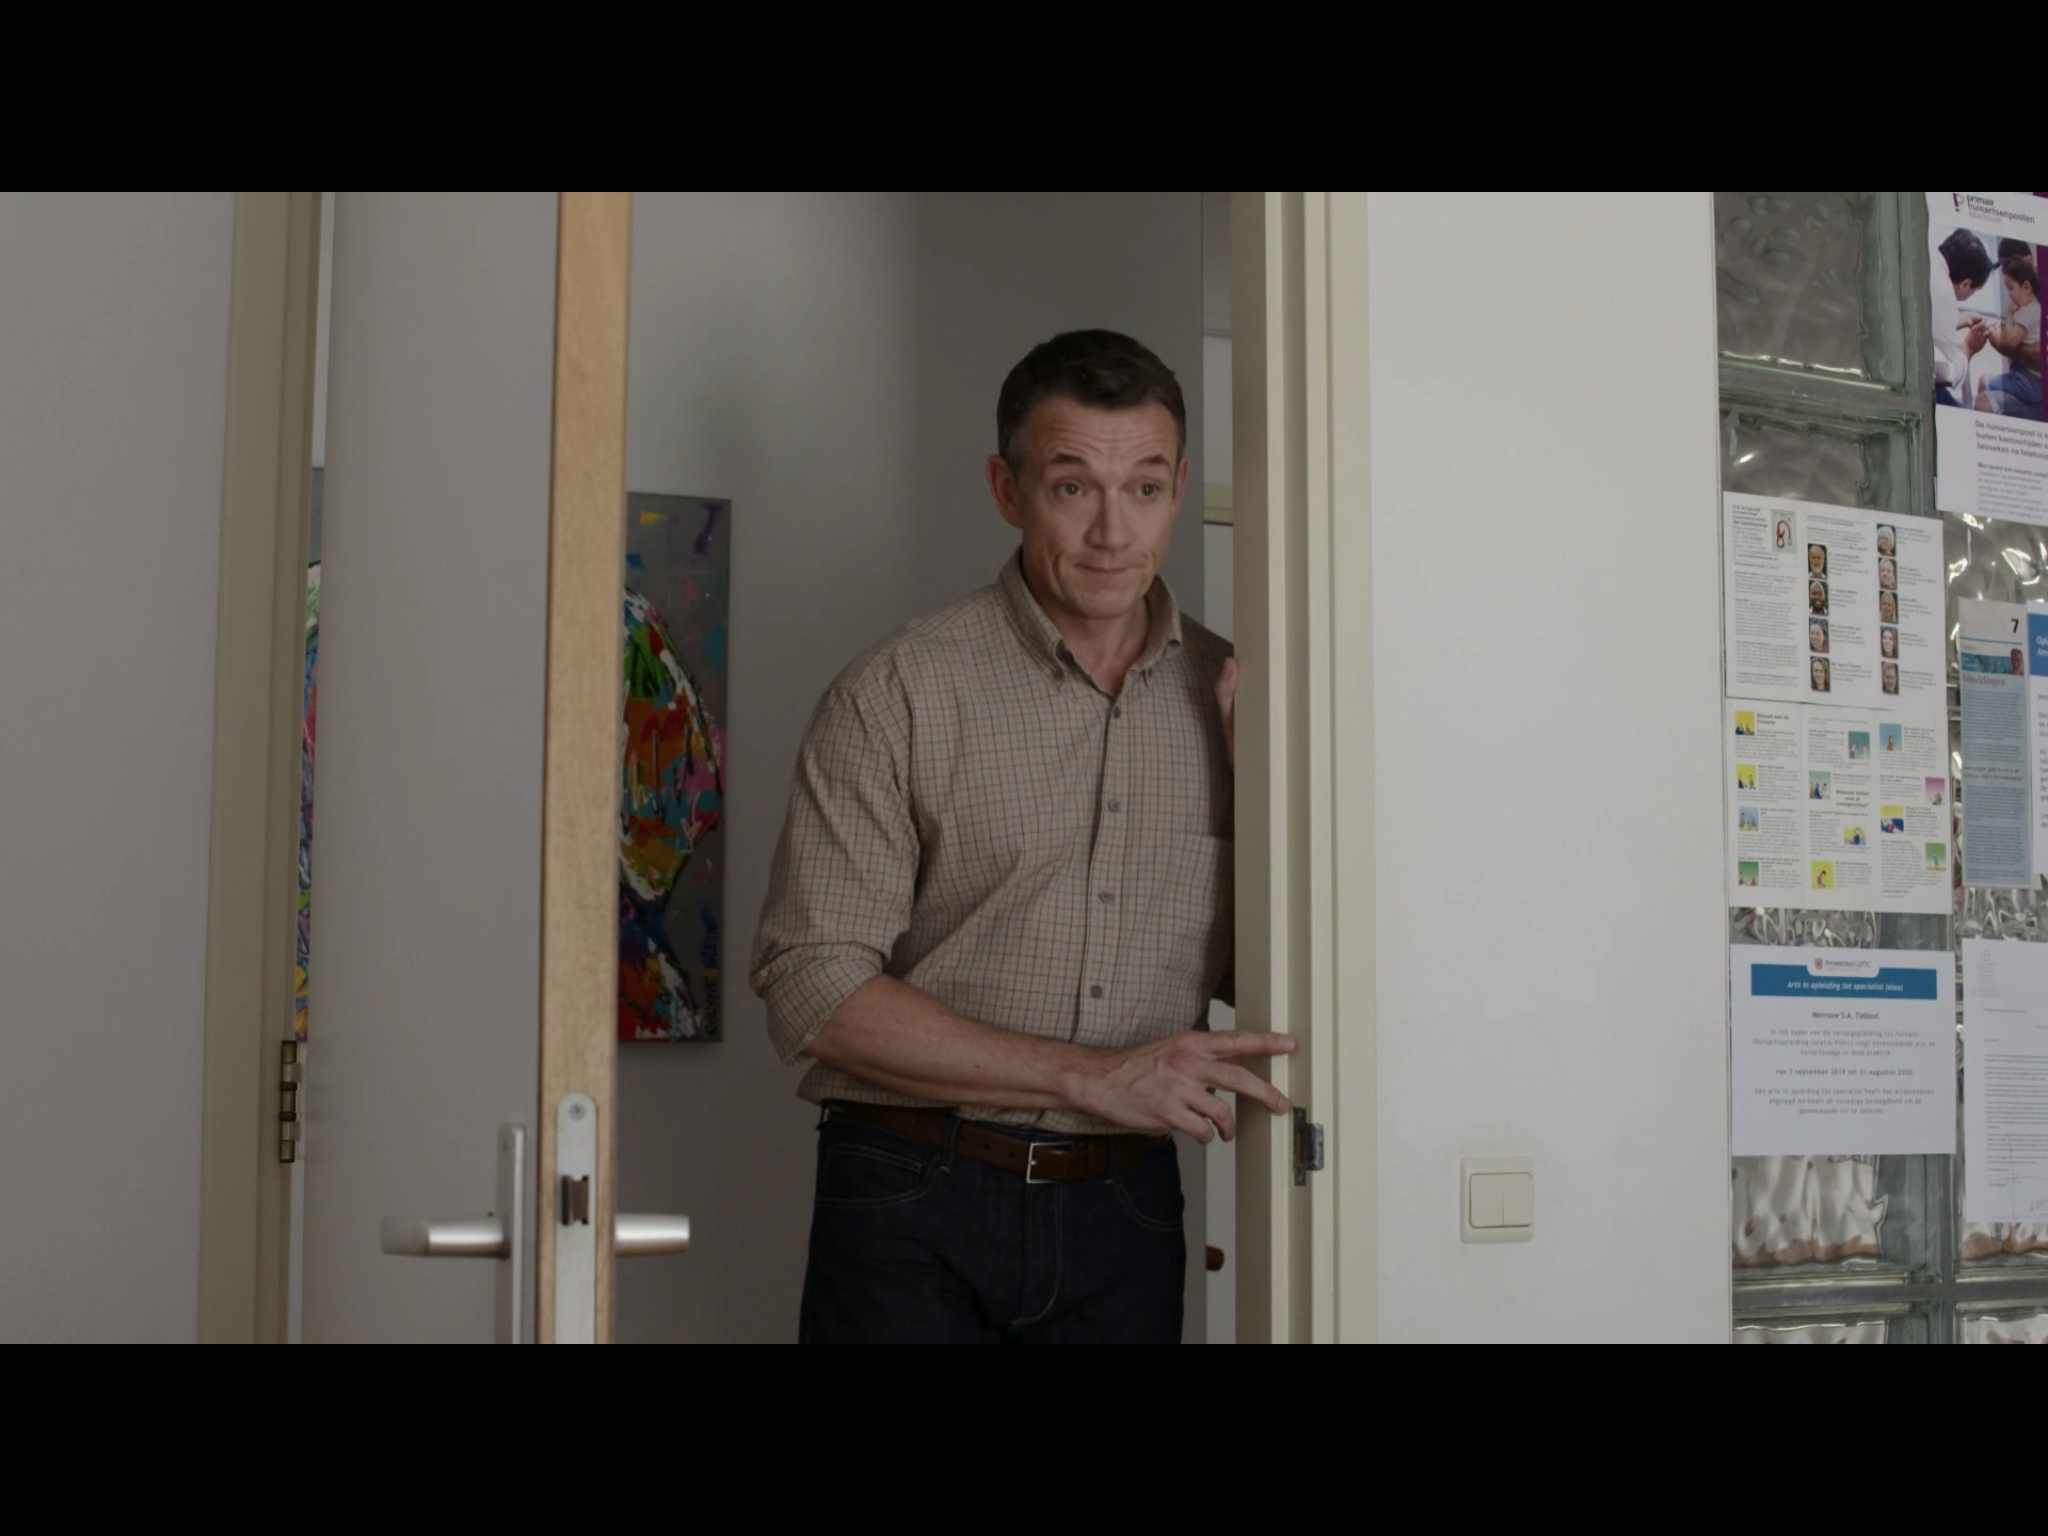 Paul Groot in K van karlijn tvserie